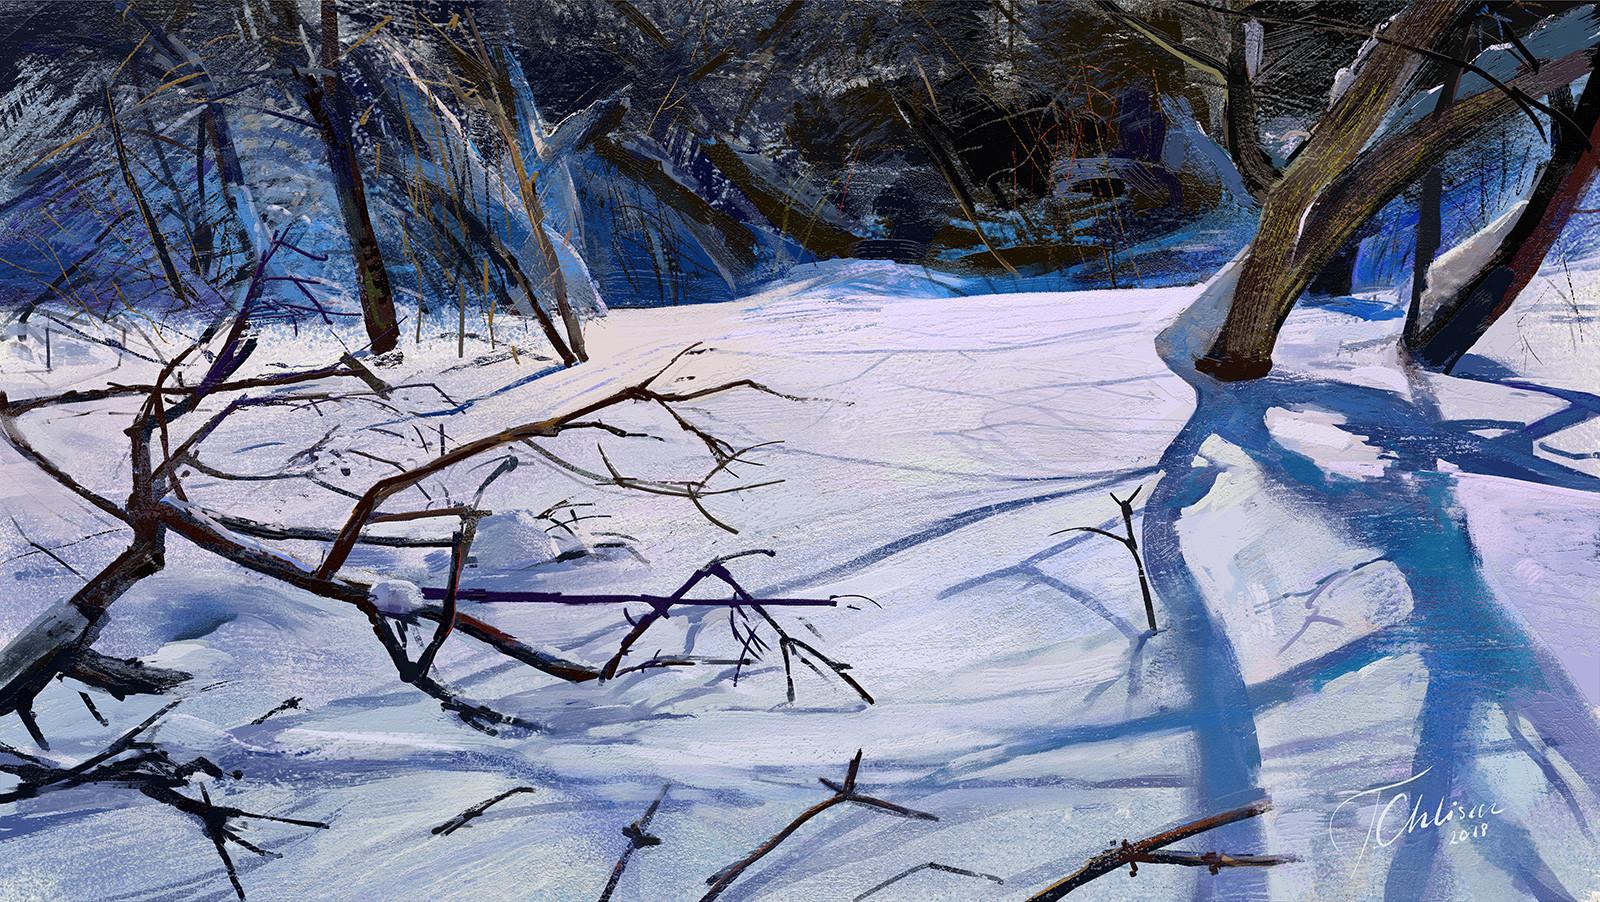 Tymoteusz chliszcz landscape98 by chliszcz